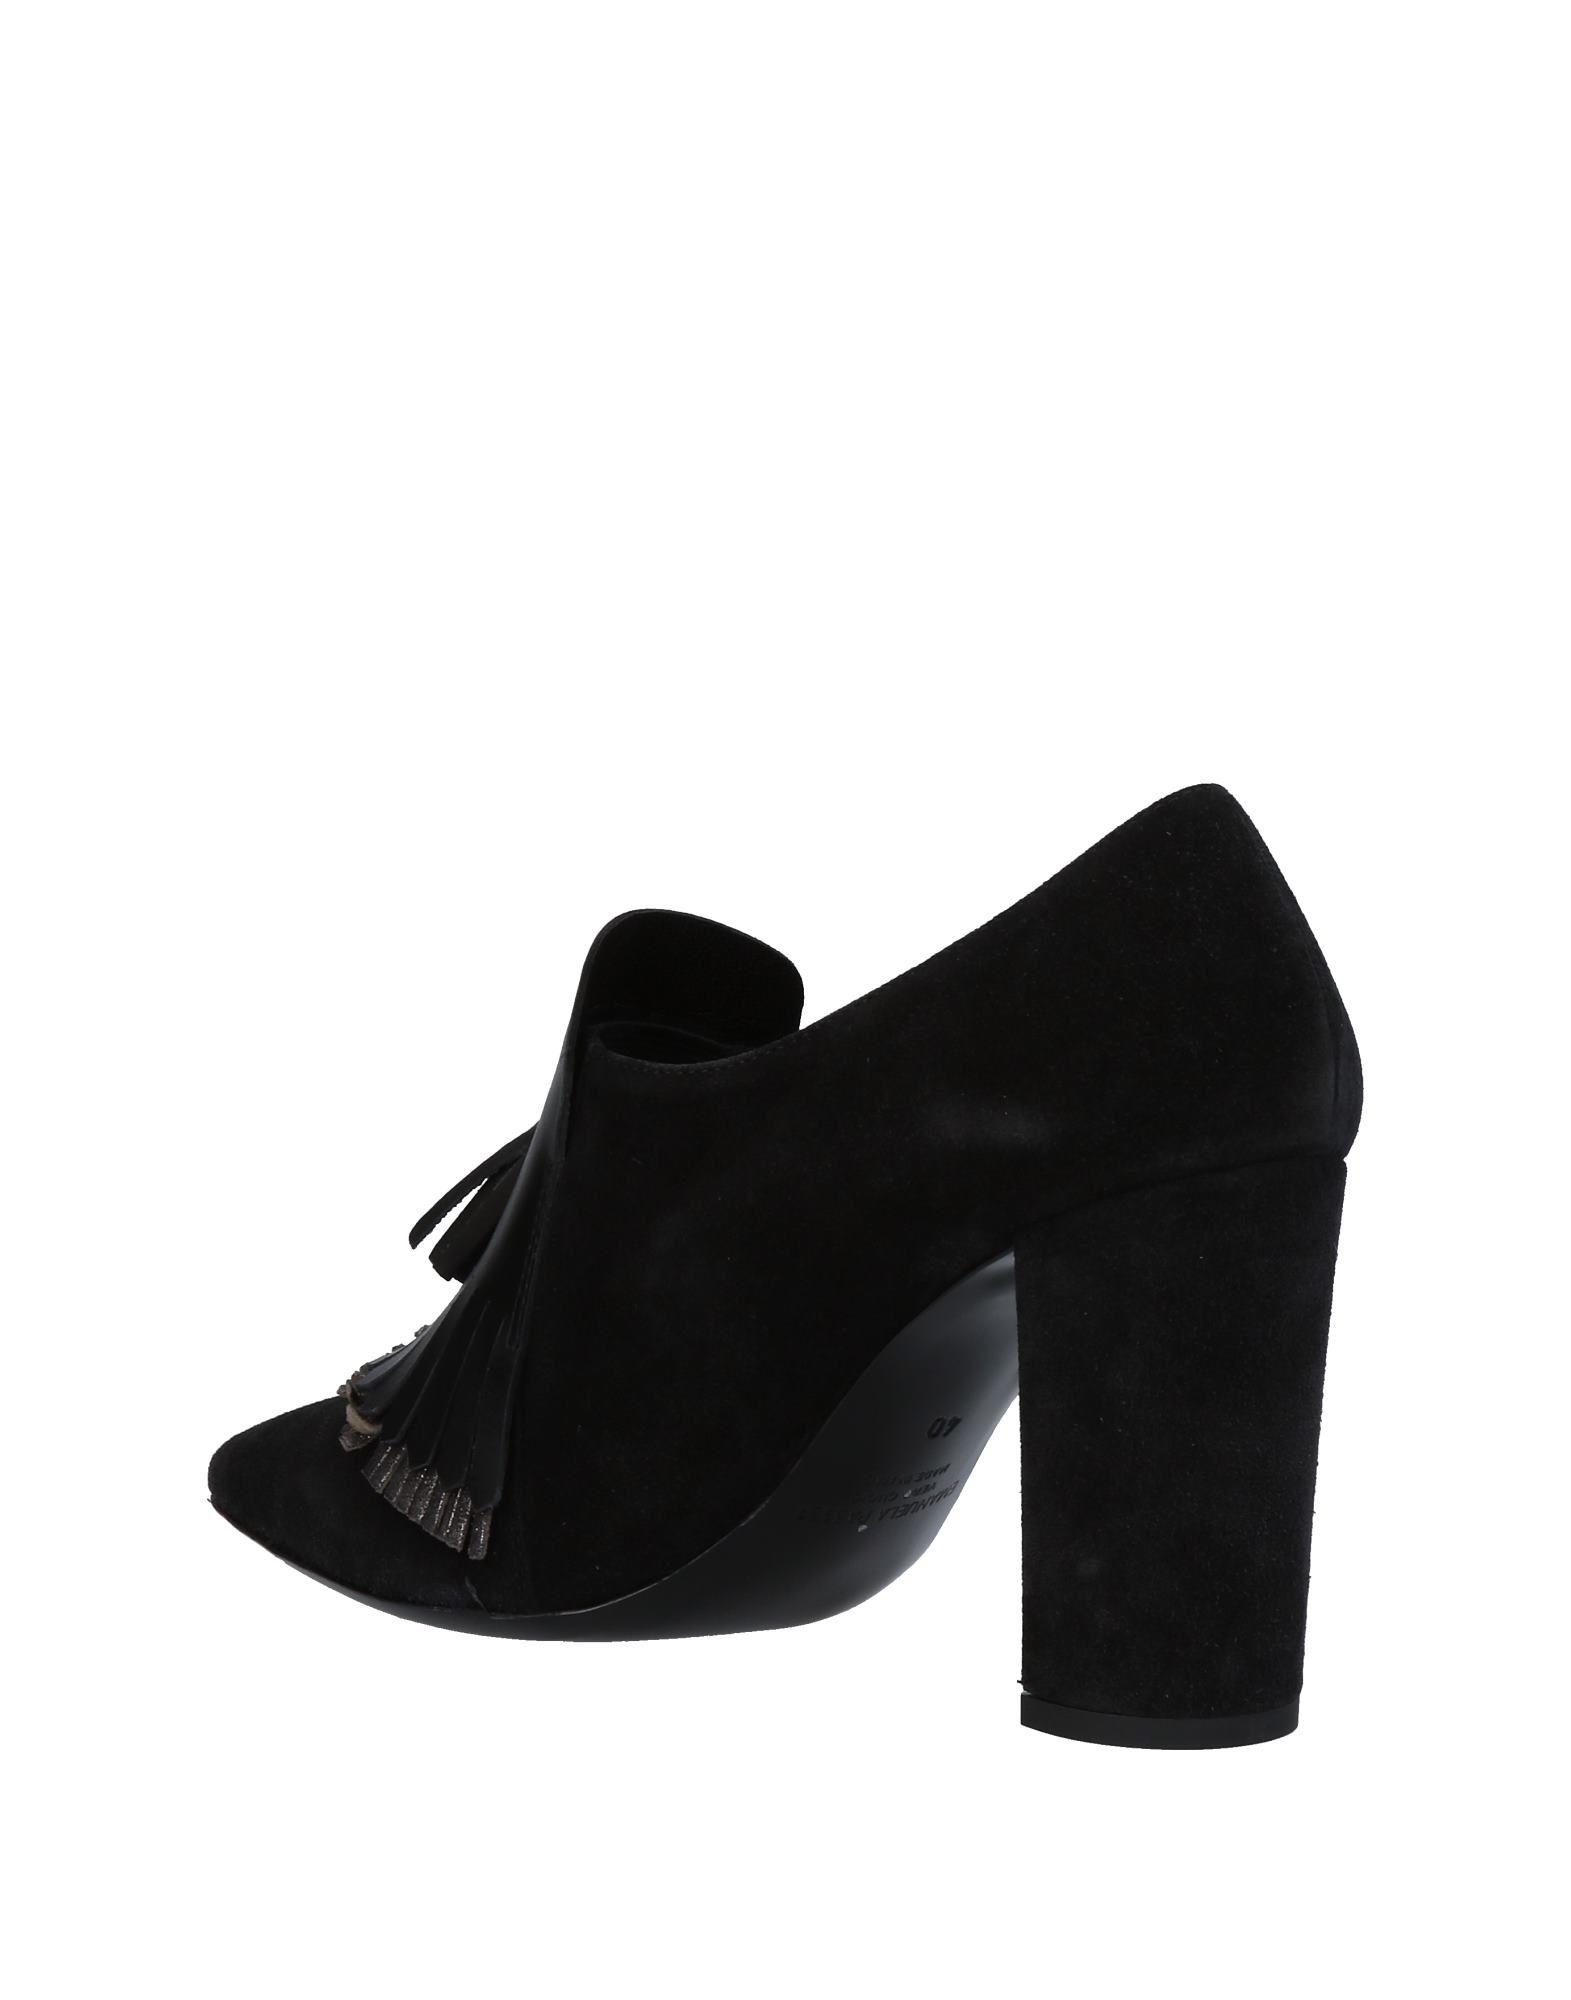 Emanuela Passeri Gute Mokassins Damen  11444658CN Gute Passeri Qualität beliebte Schuhe ffc7c3